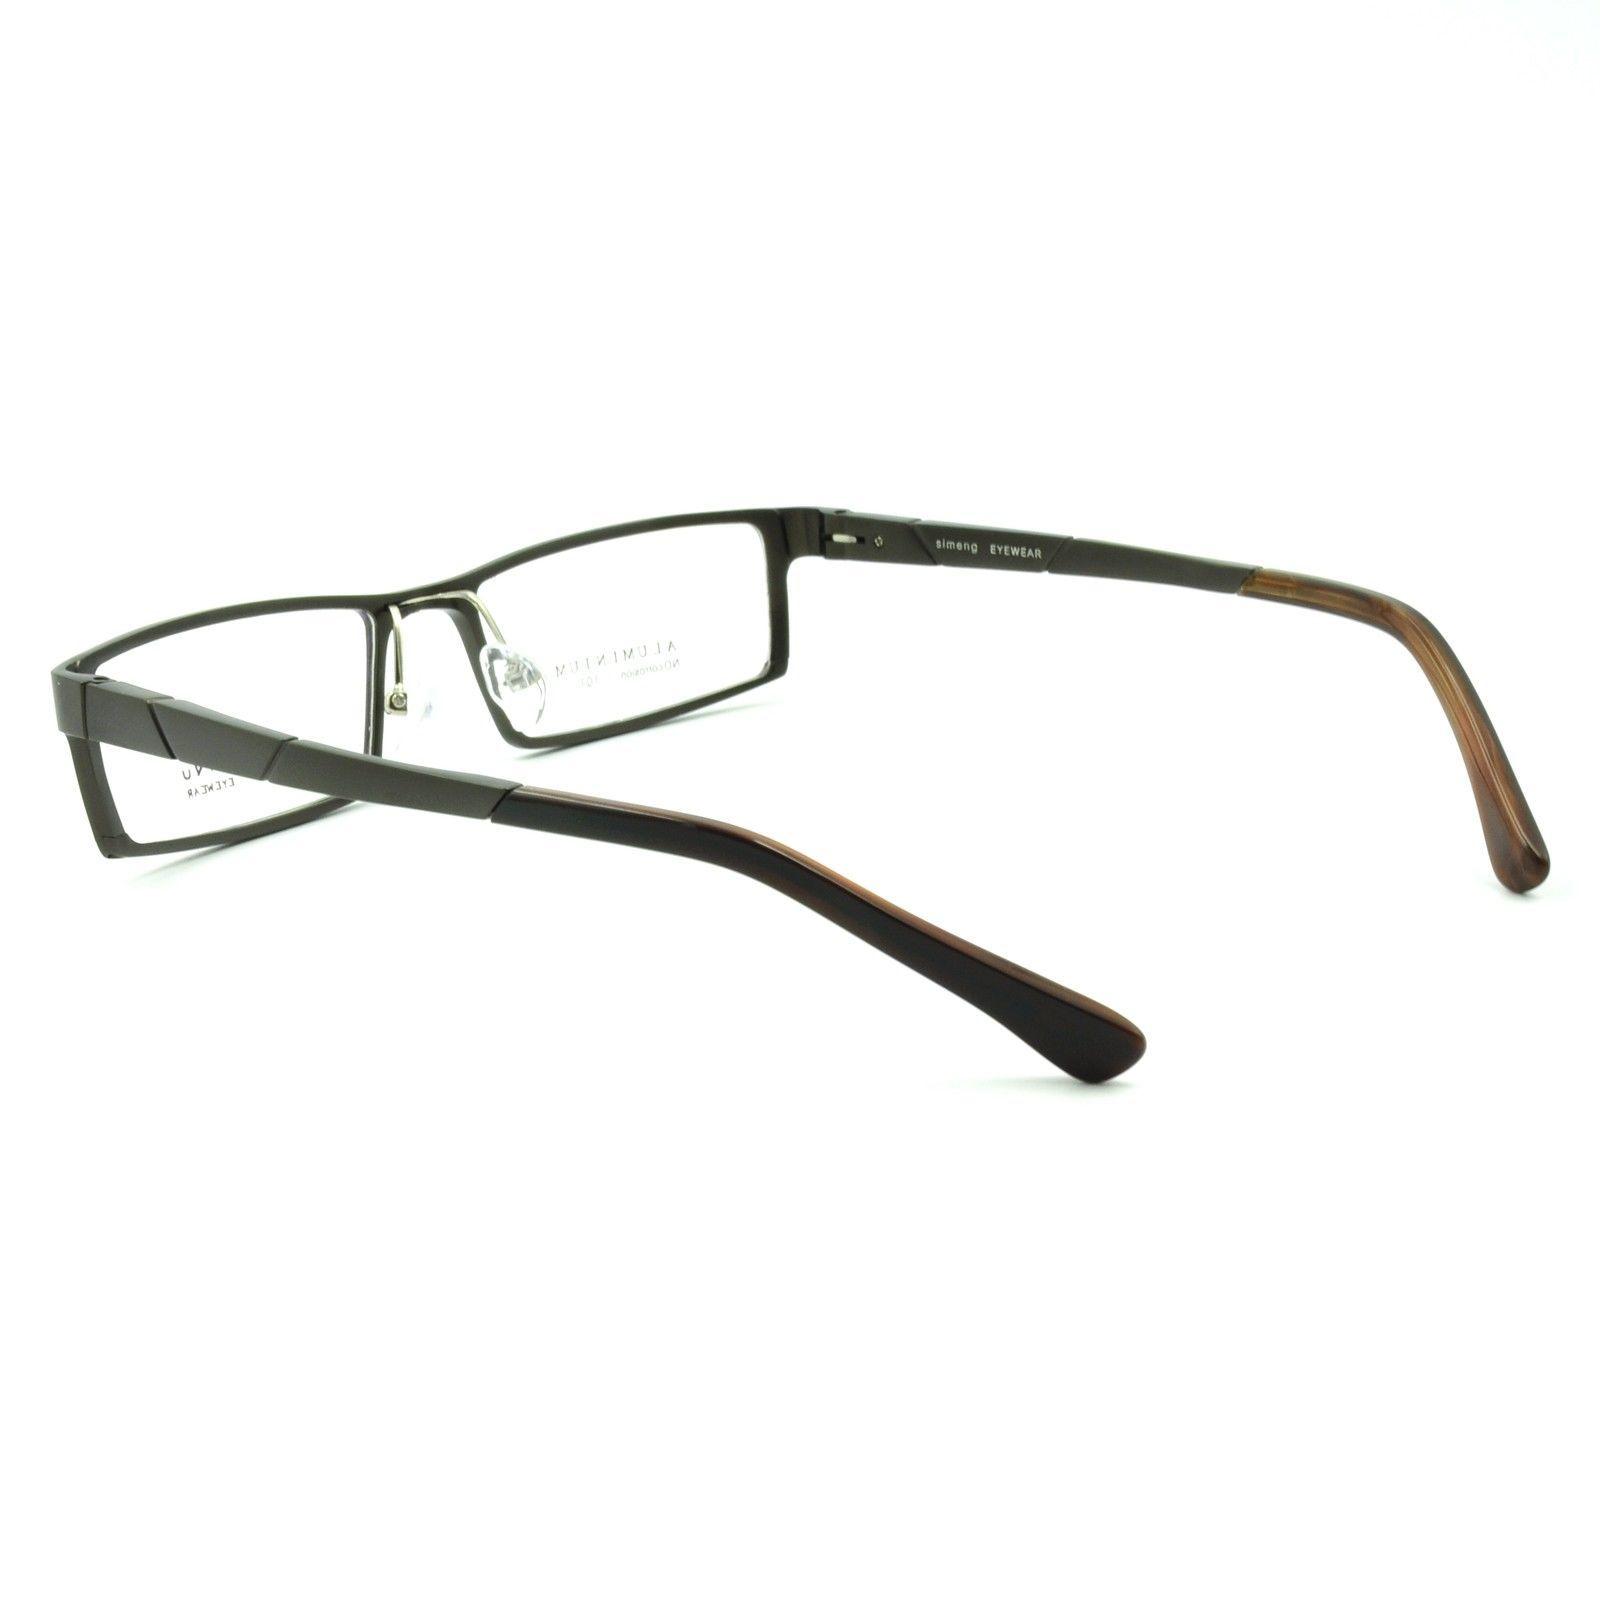 New Mens Full Rim Rectangular Eyeglasses Frames Spring ...